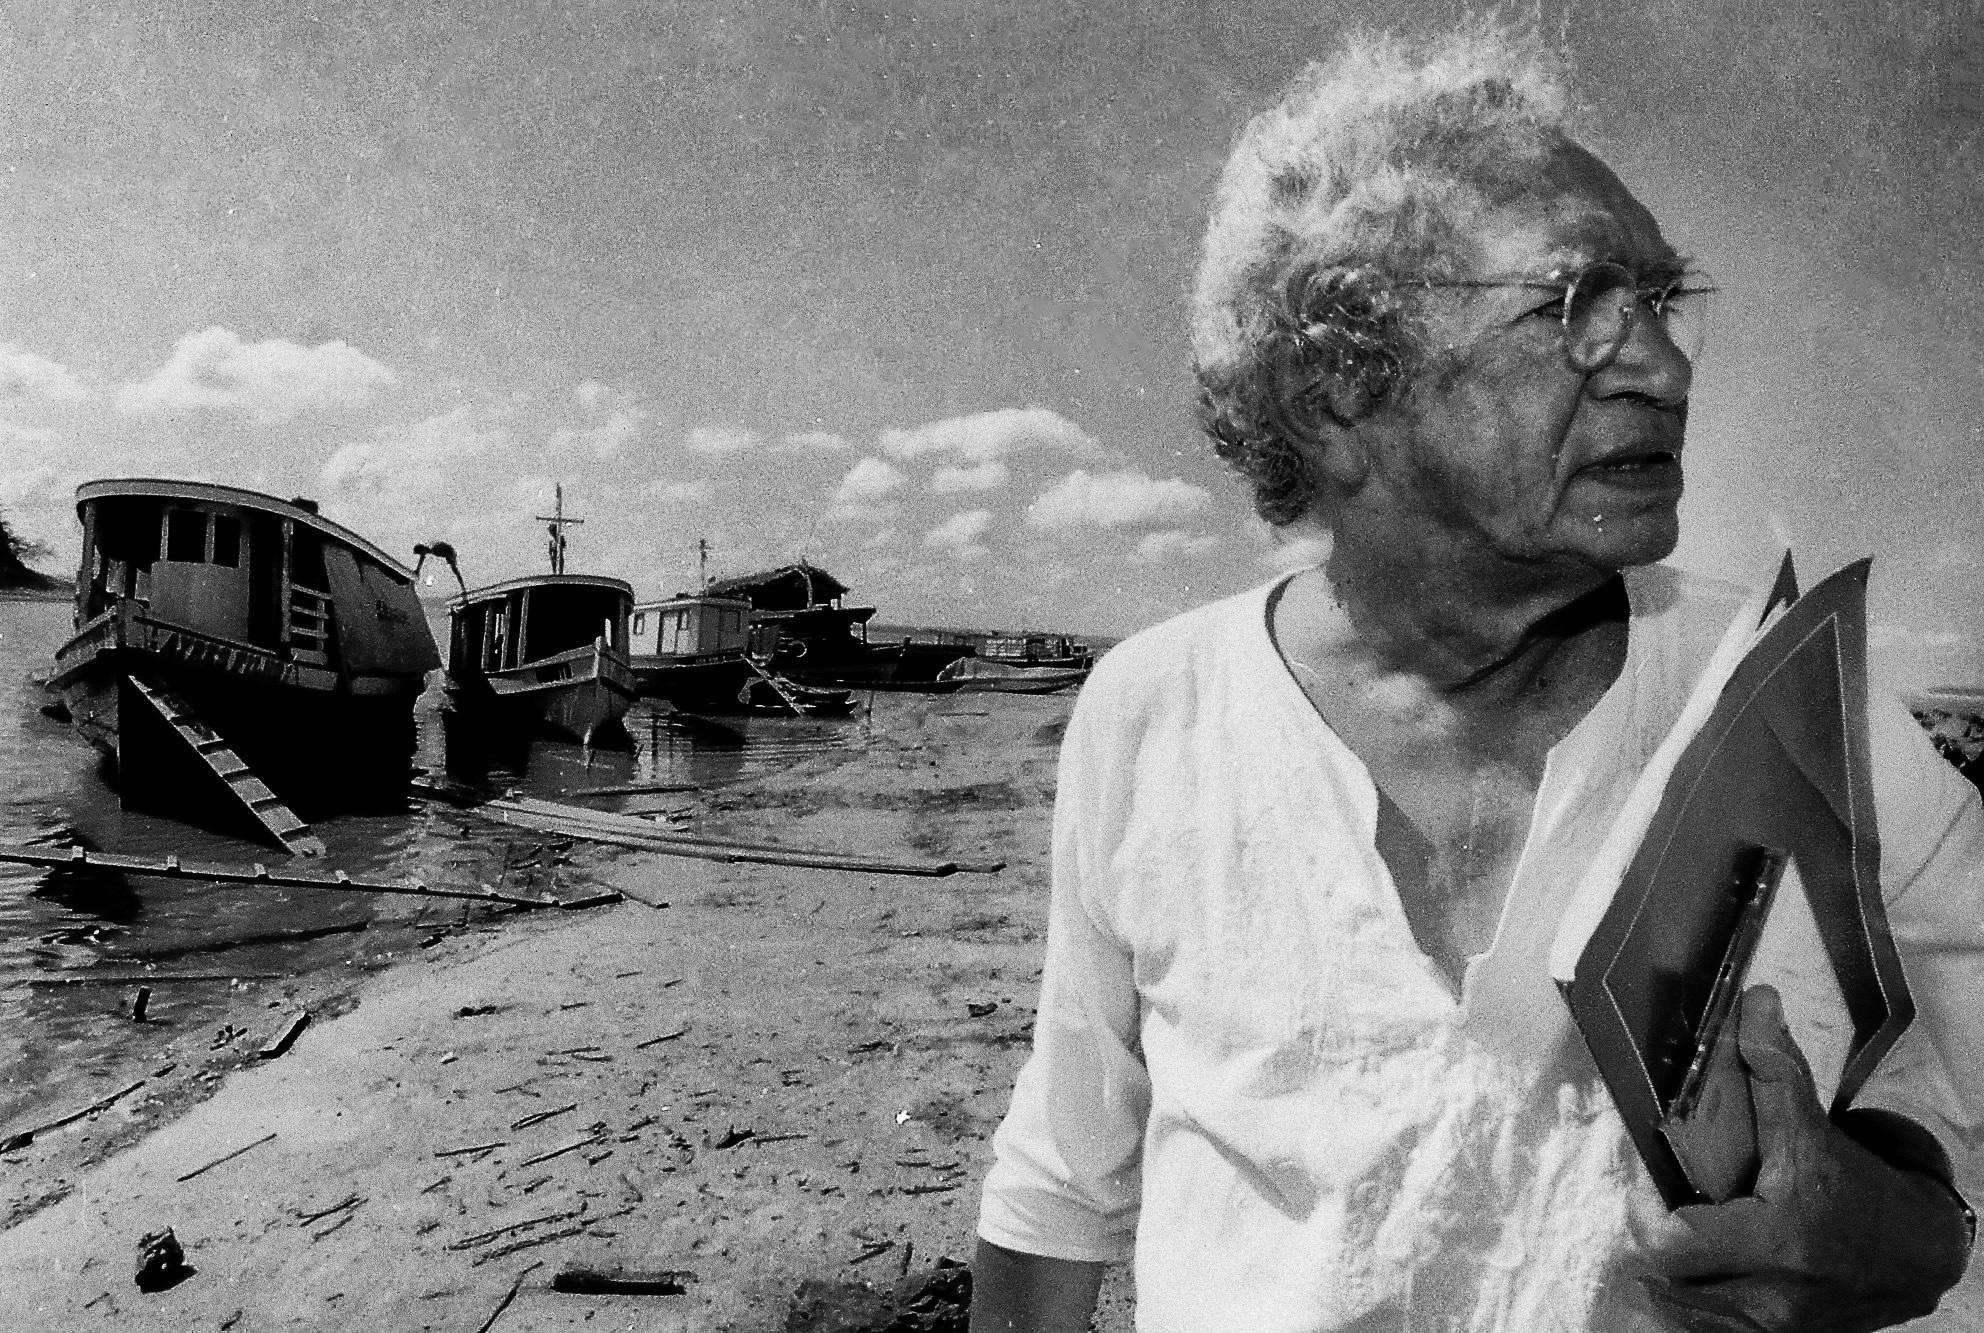 Memórias do poeta Thiago de Mello numa viagem a Manaus de antigamente